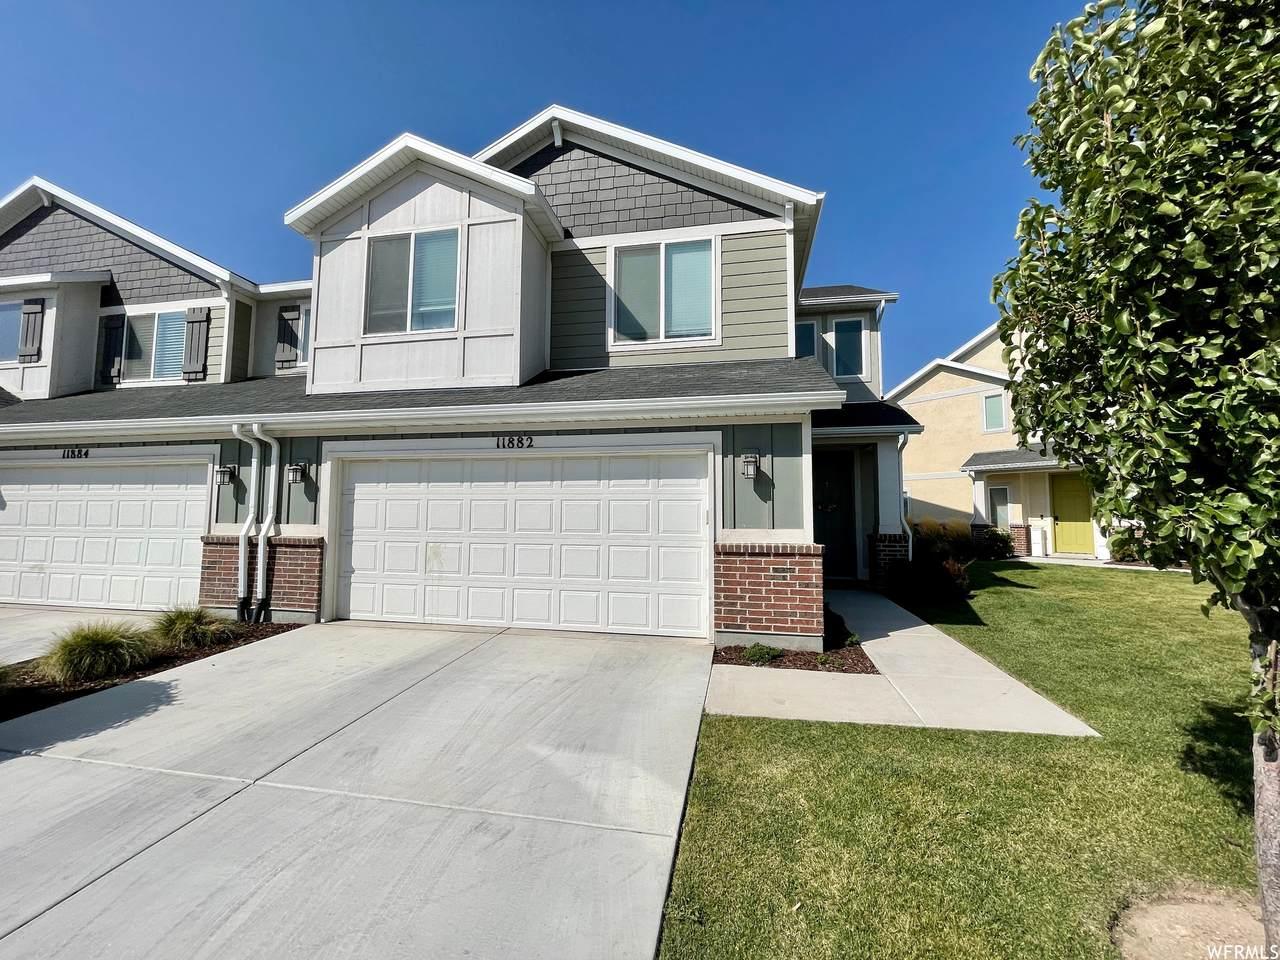 11882 Black Hills Lane Ln - Photo 1